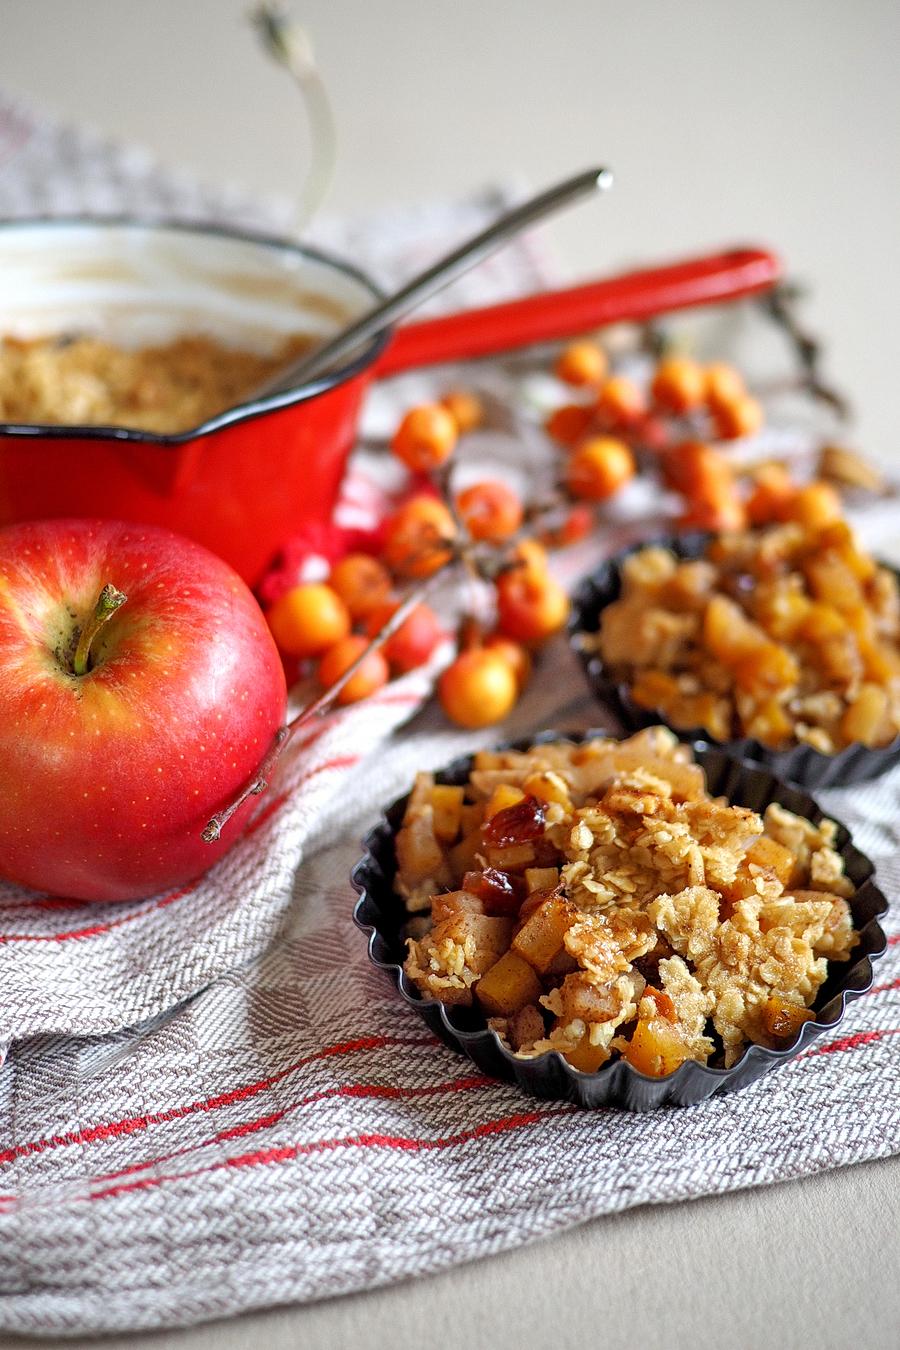 W rziges apfel k rbis crumble die perfekte herbst for Apfel basteln herbst